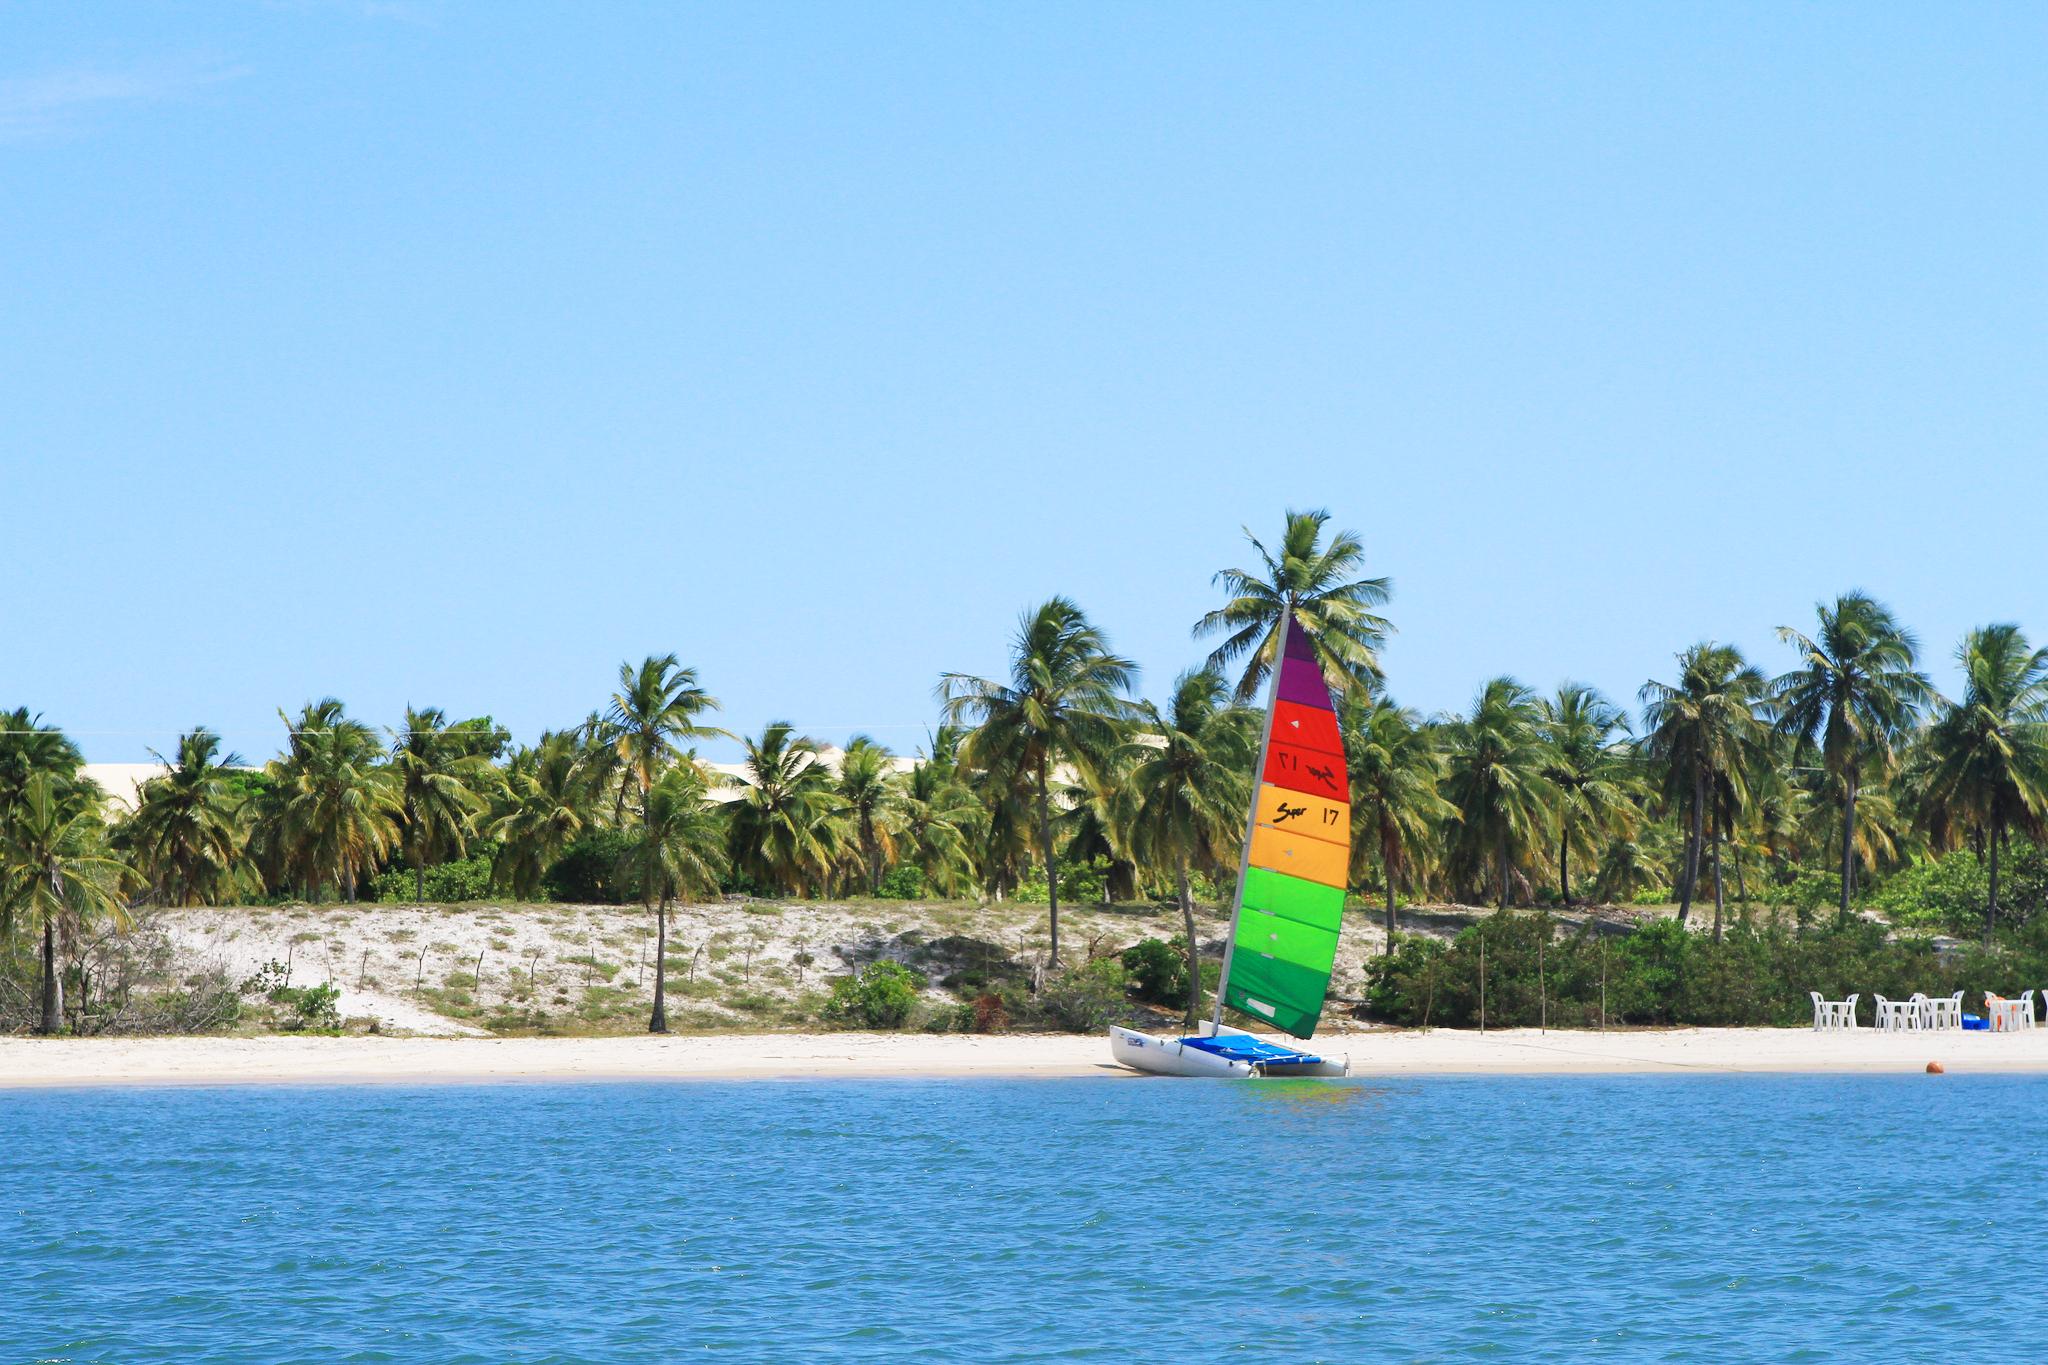 Vista da praia de Mangue Seco, no litoral sul da Bahia, durante o dia, com jangada de vela colorida atracada na areia e coqueiros e céu sem nuvens ao fundo